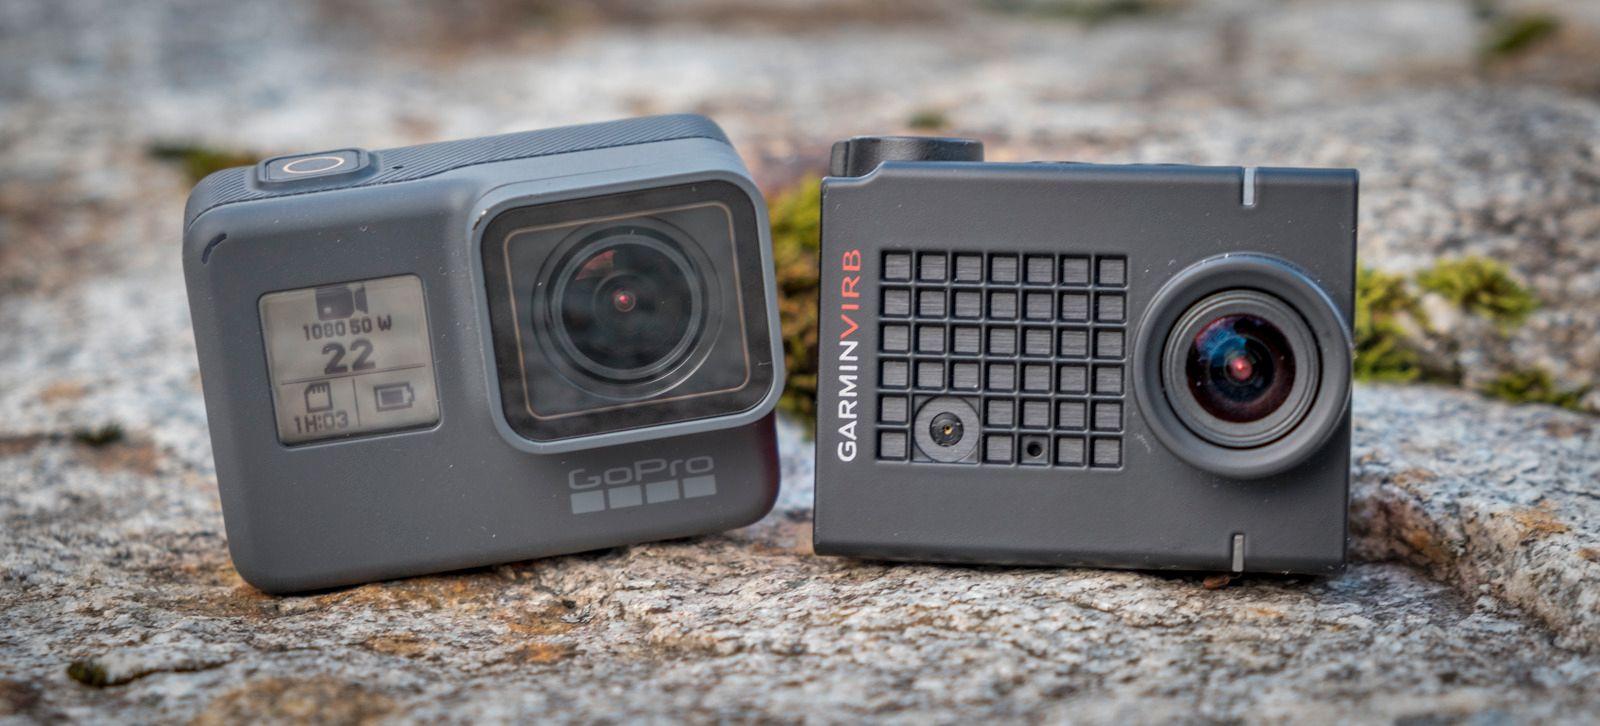 GoPro gjør veldig mye bra med den nyeste toppmodellen, men Garmin er bedre der vi synes det teller mest.